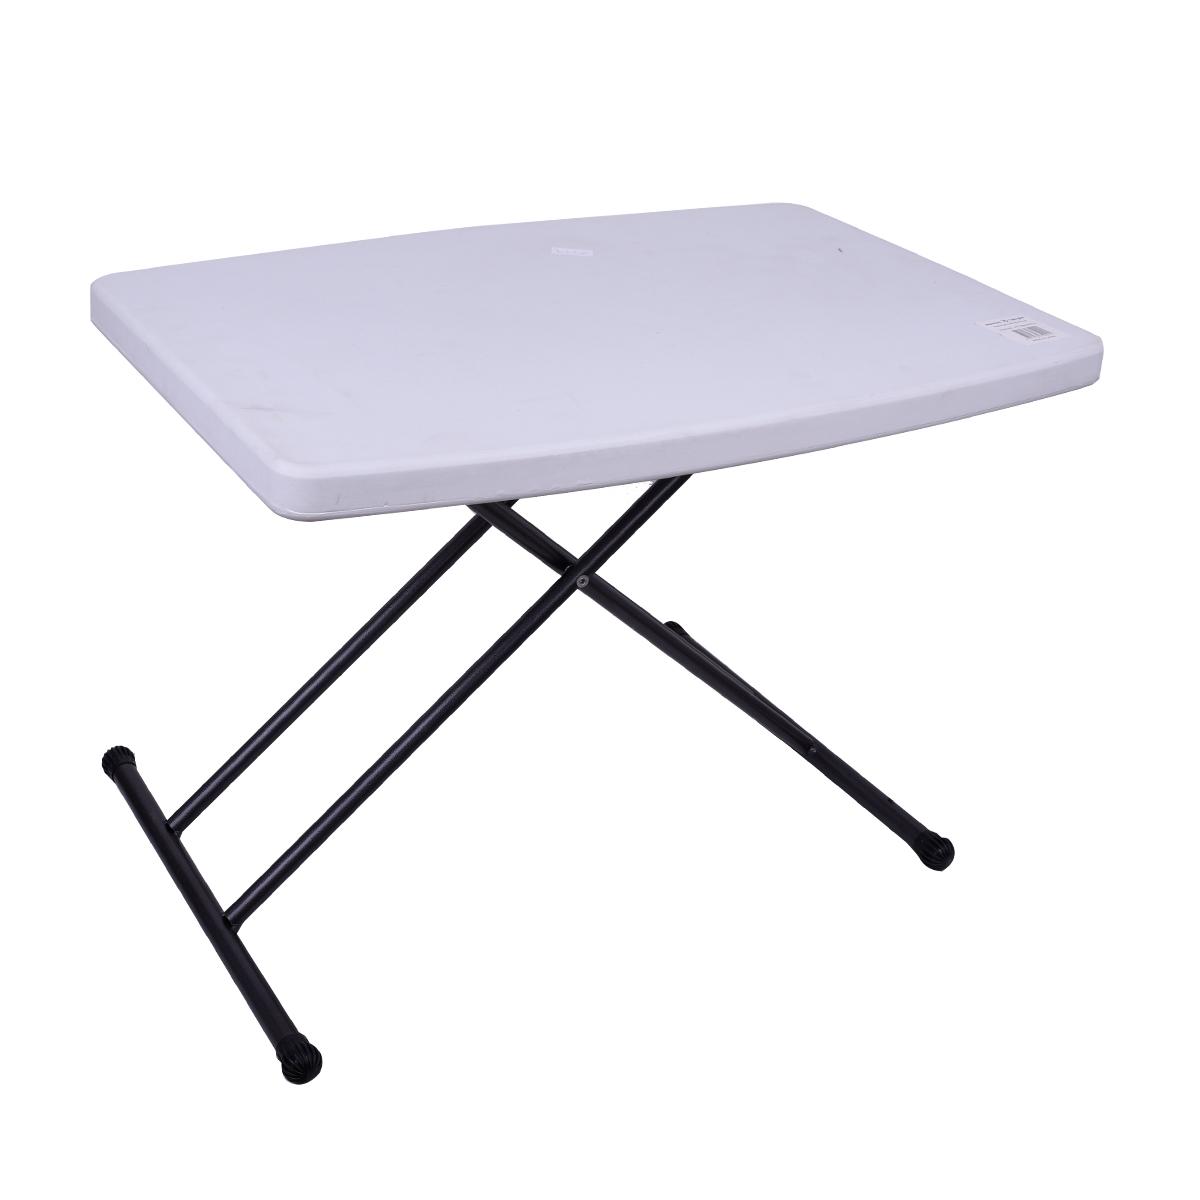 طاولة بلاستيك فايبر مستطيل , قابلة للطي , لون ابيض , رقم MY35029